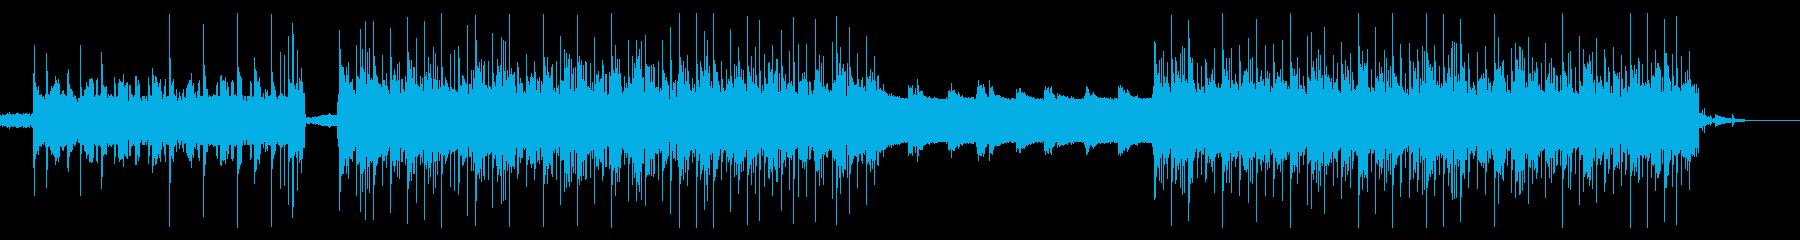 シンセのリズムの中をピアノと琴が疾走するの再生済みの波形